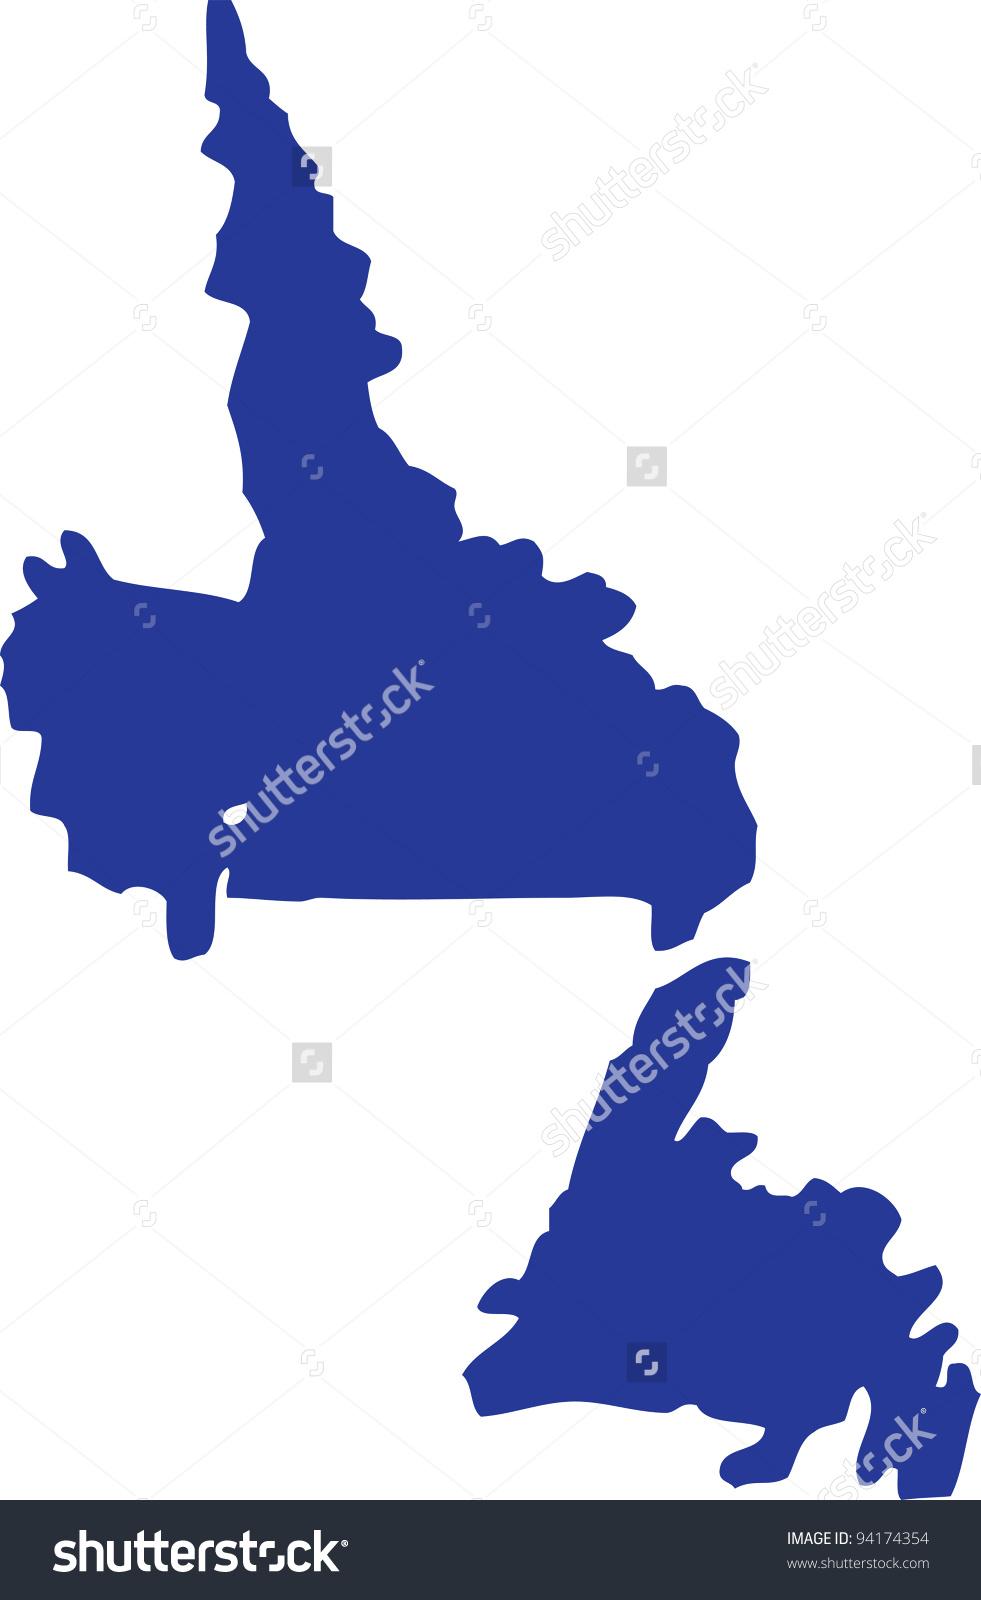 Vector Newfoundland Labrador Map Blue Stock Vector 94174354.